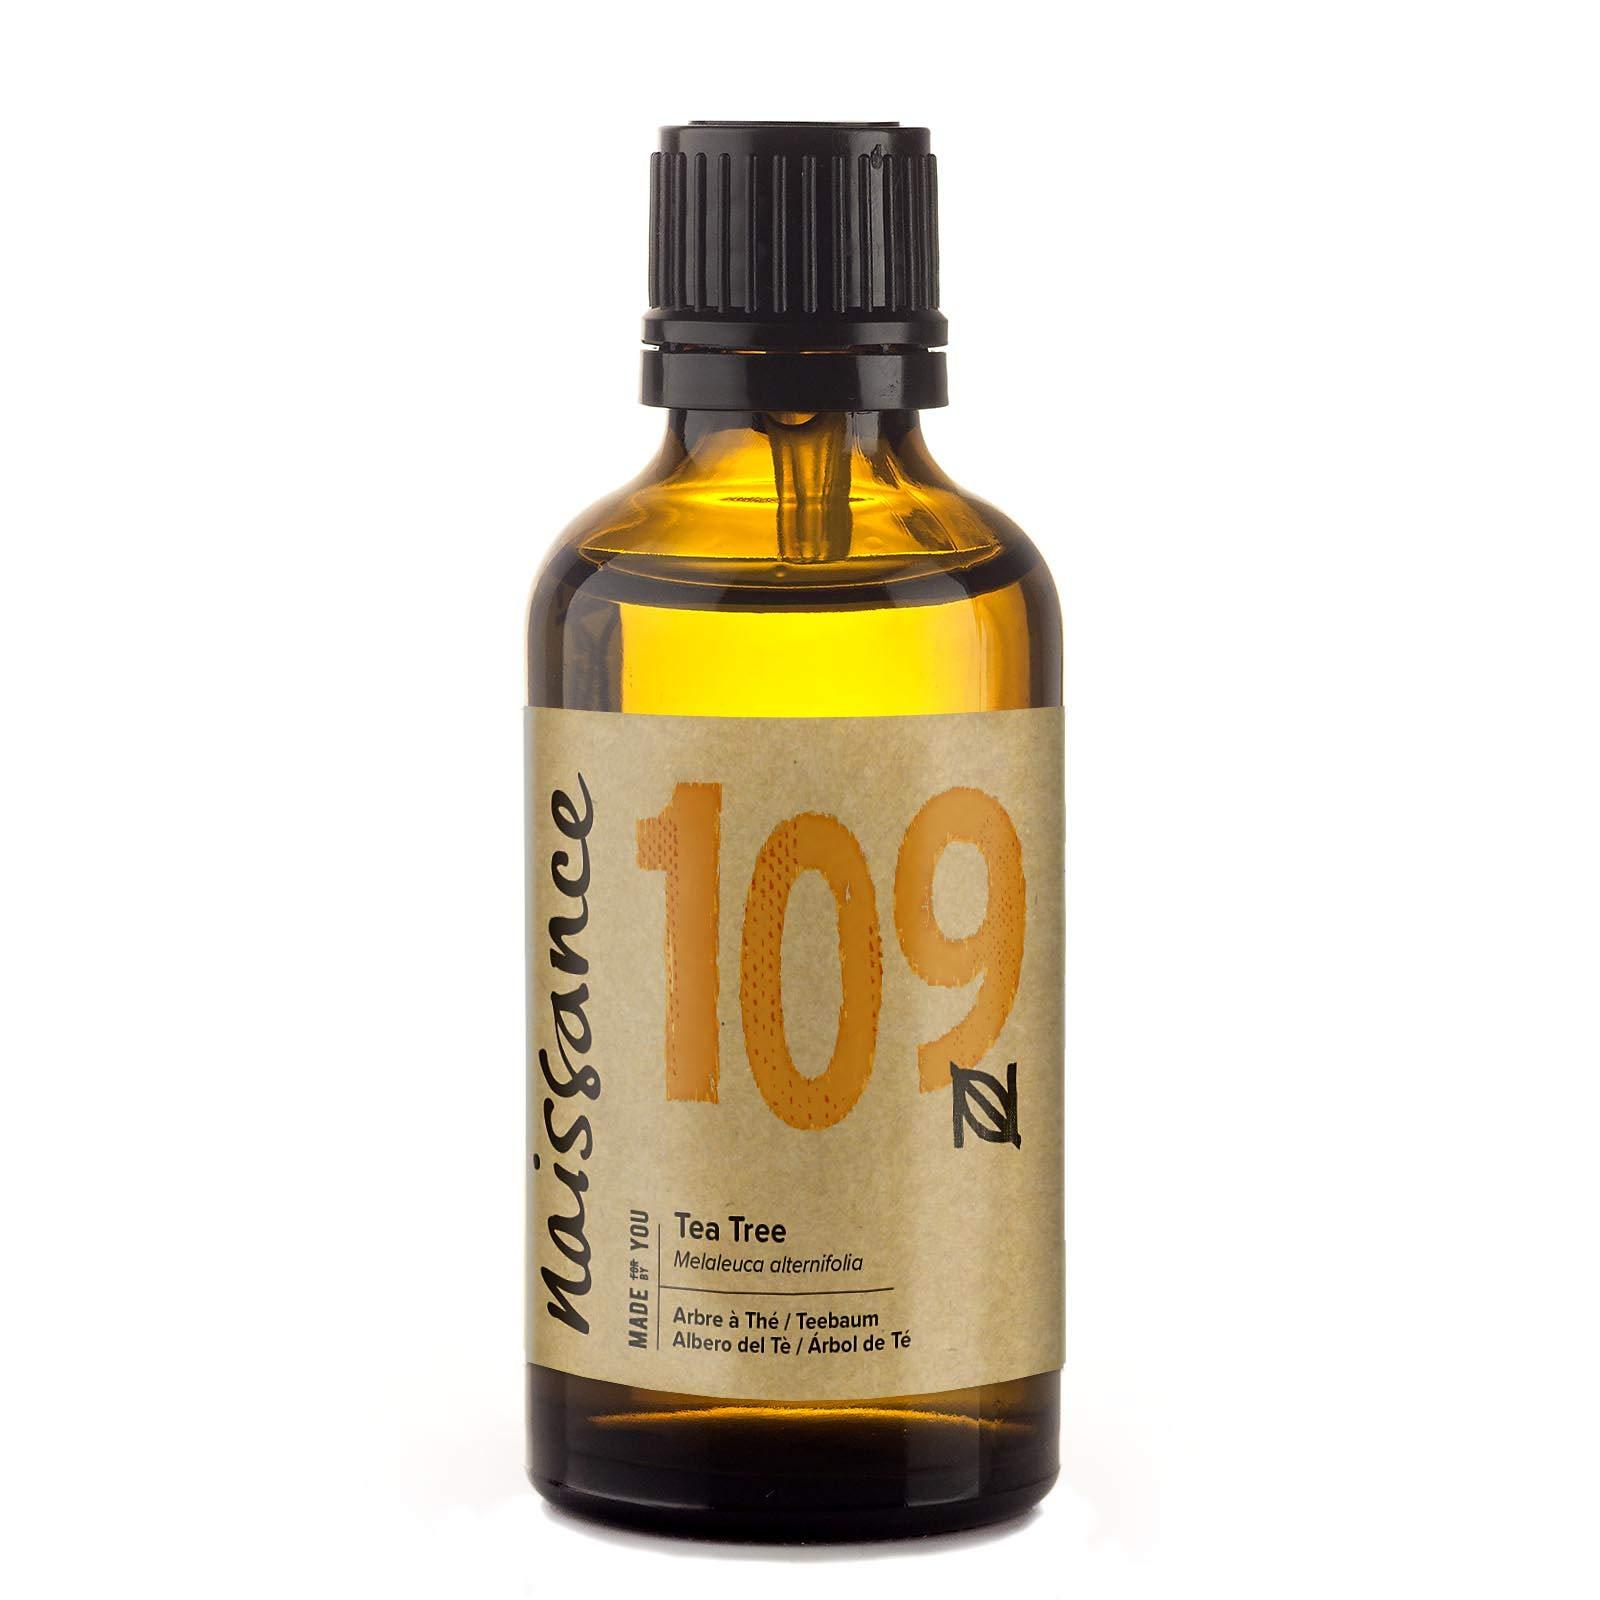 Naissance Aceite Esencial de Árbol de Té n. º 109 – 50ml - 100%